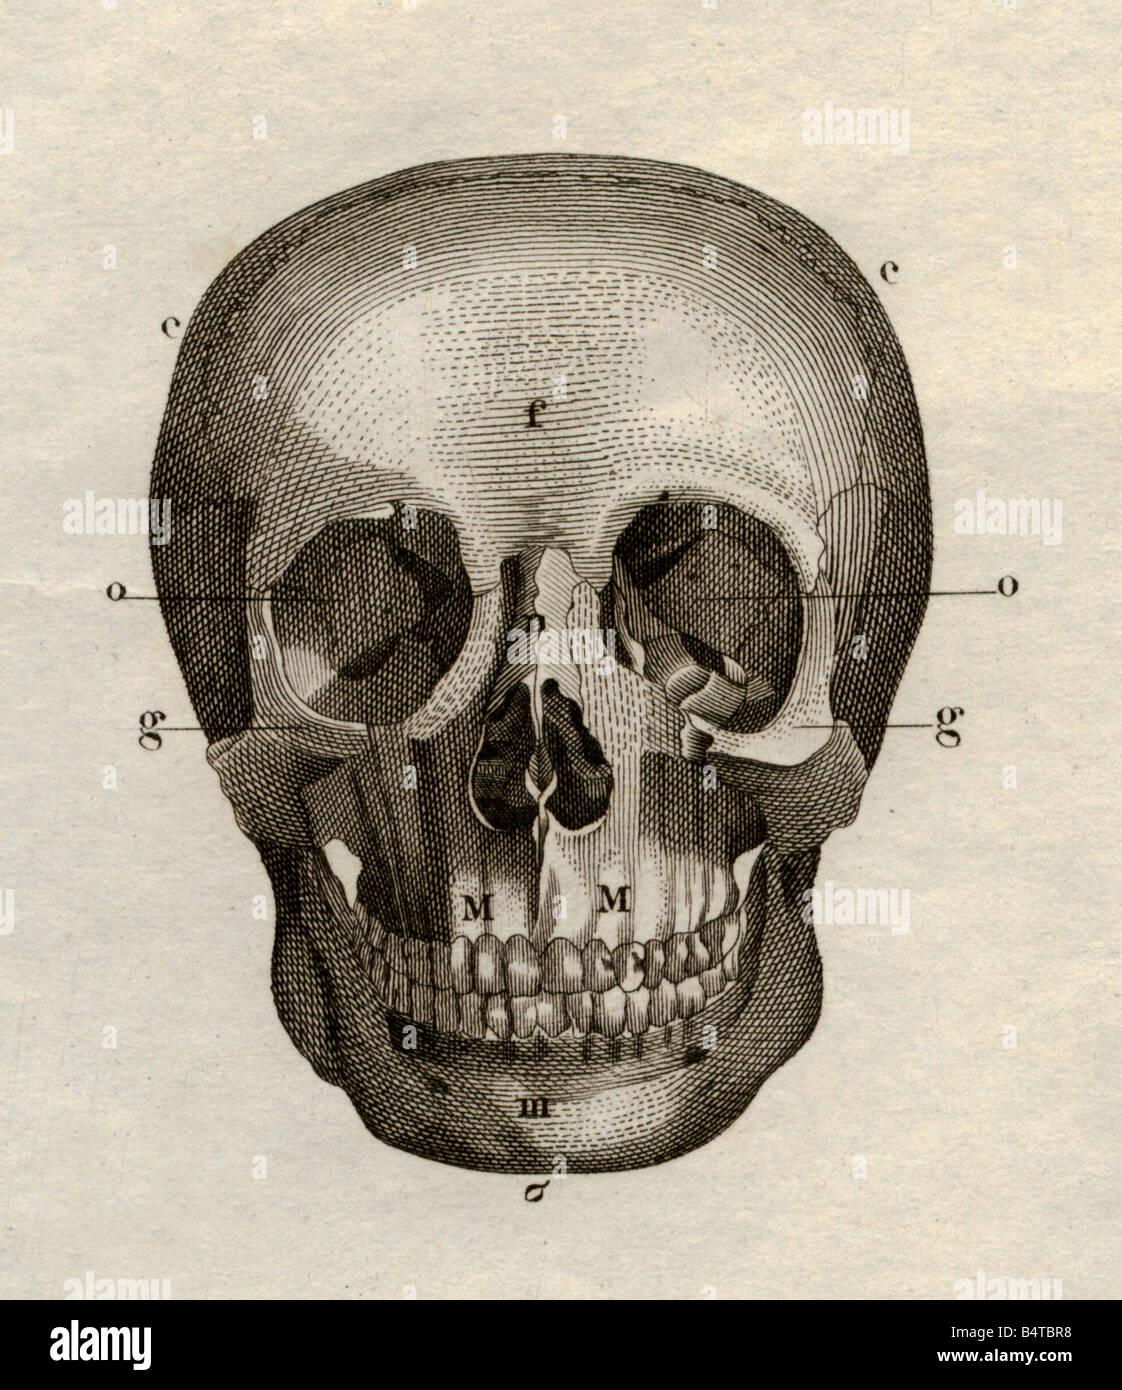 Medizin, Anatomie Skelett / Knochen, Schädel, frontale Ansicht ...